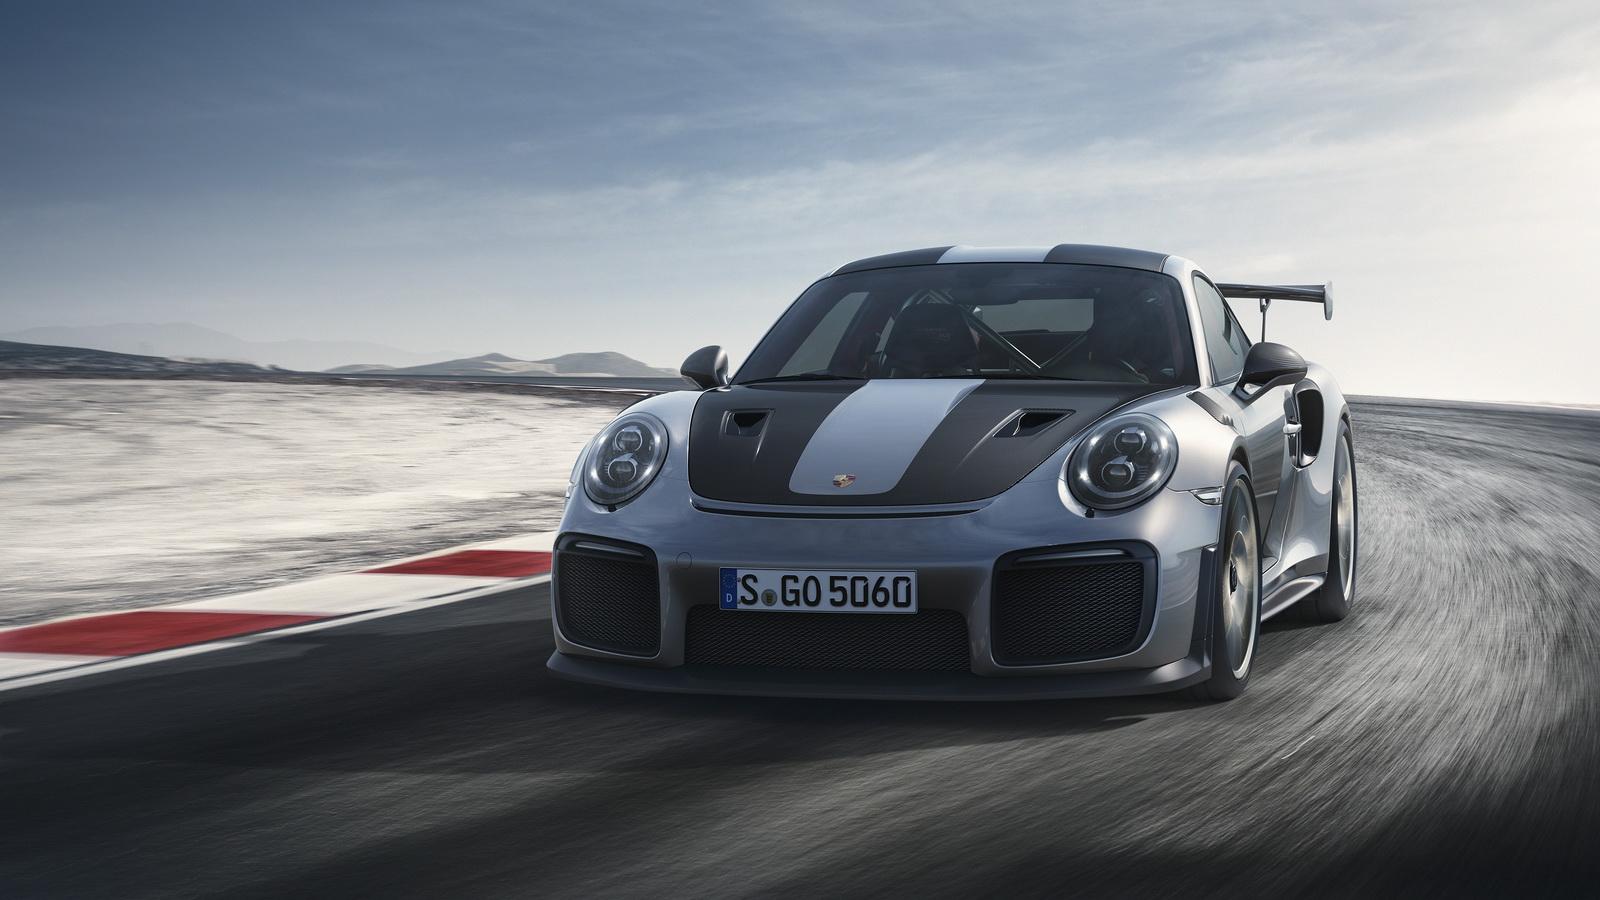 بالصور والفيديو.. شاهدوا أسرع سيارات Porsche-911-GT2-RS-N